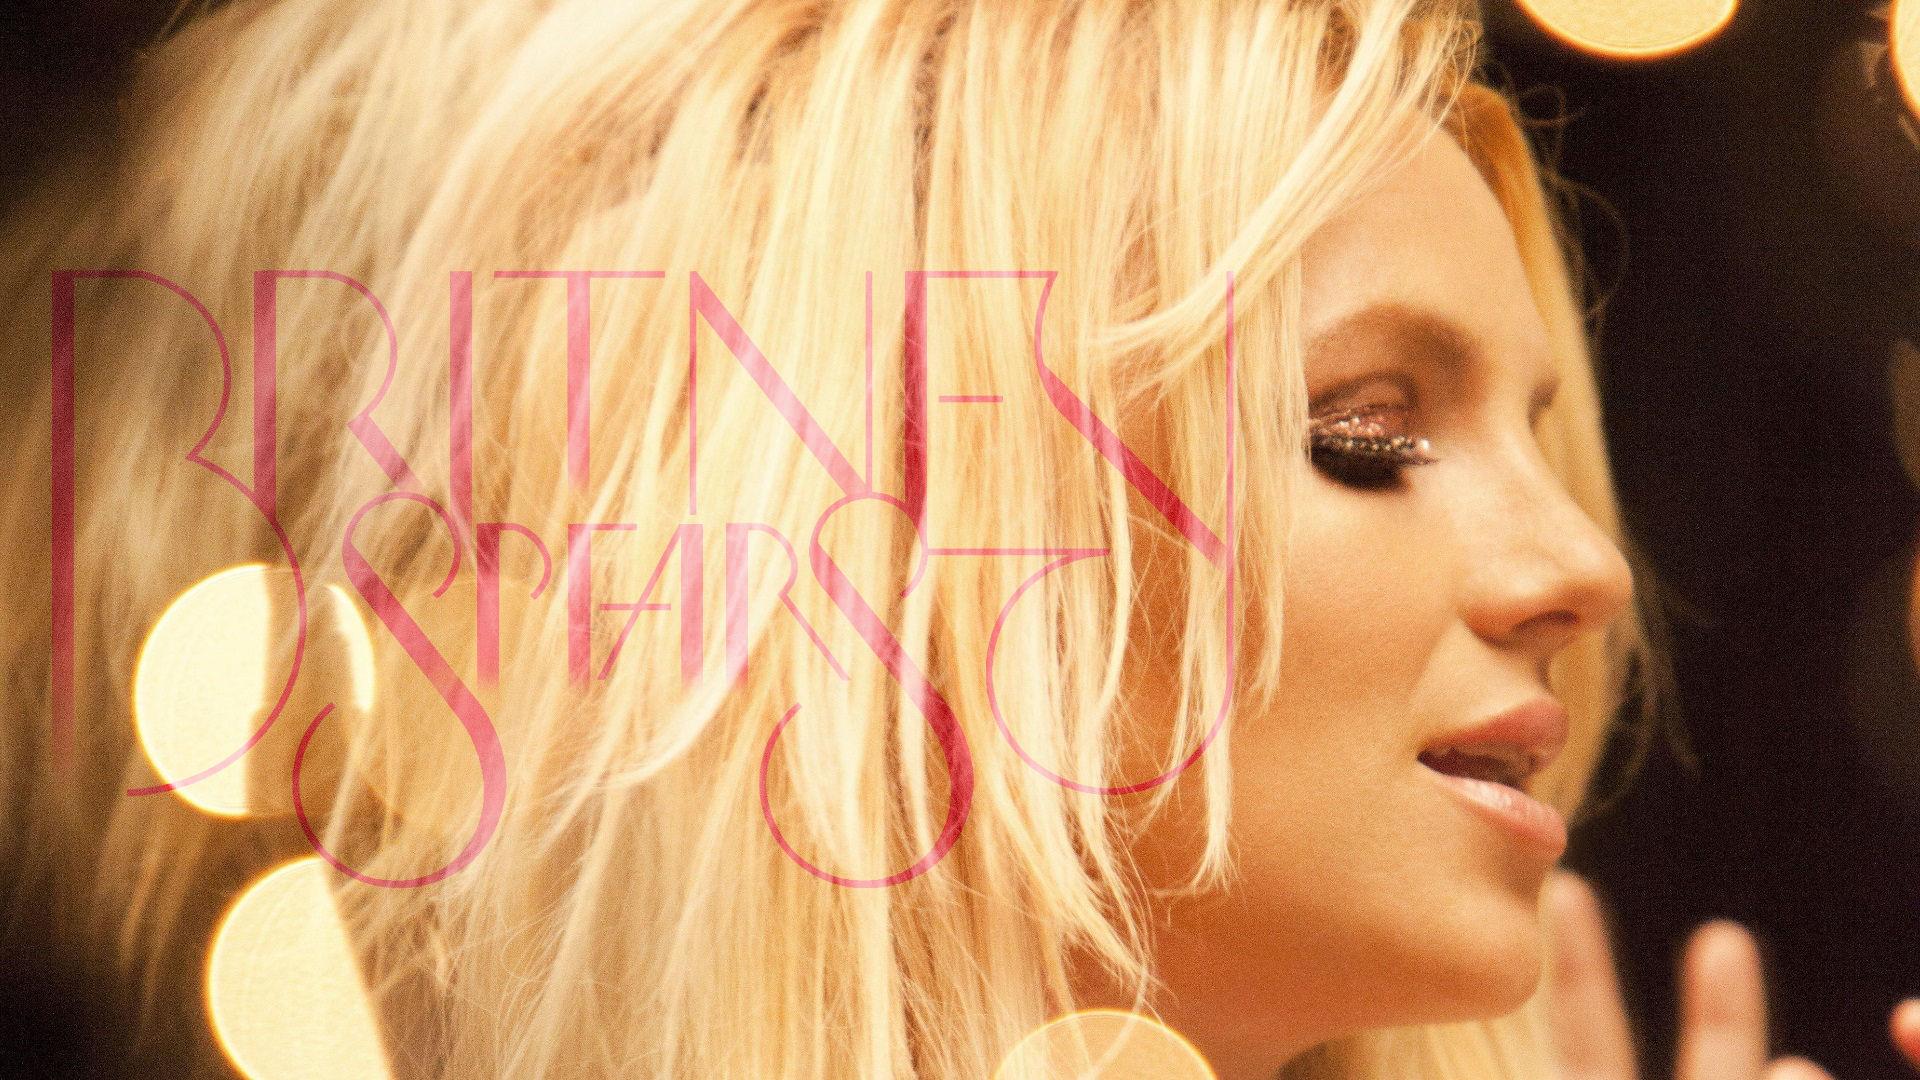 Britney Spears Femme Fatale Britney Spears Wallpaper